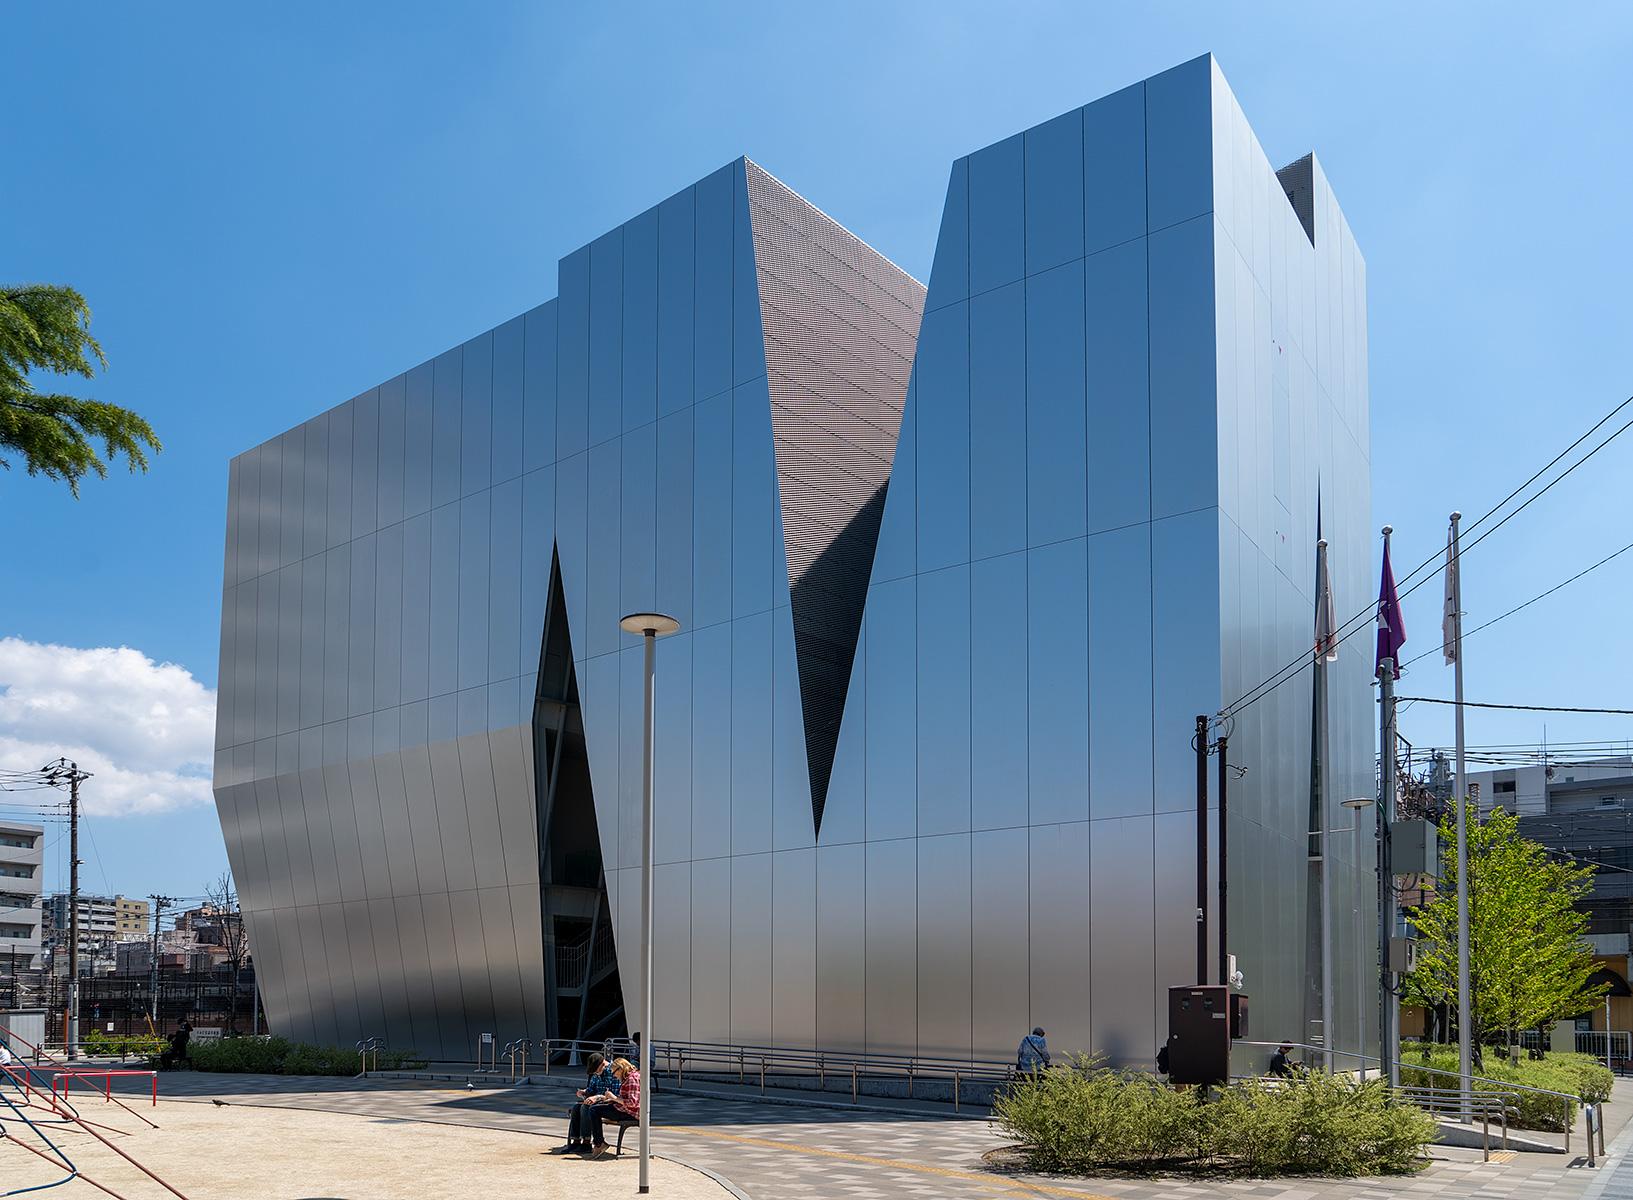 Museumsbau mit dem davor liegenden Platz